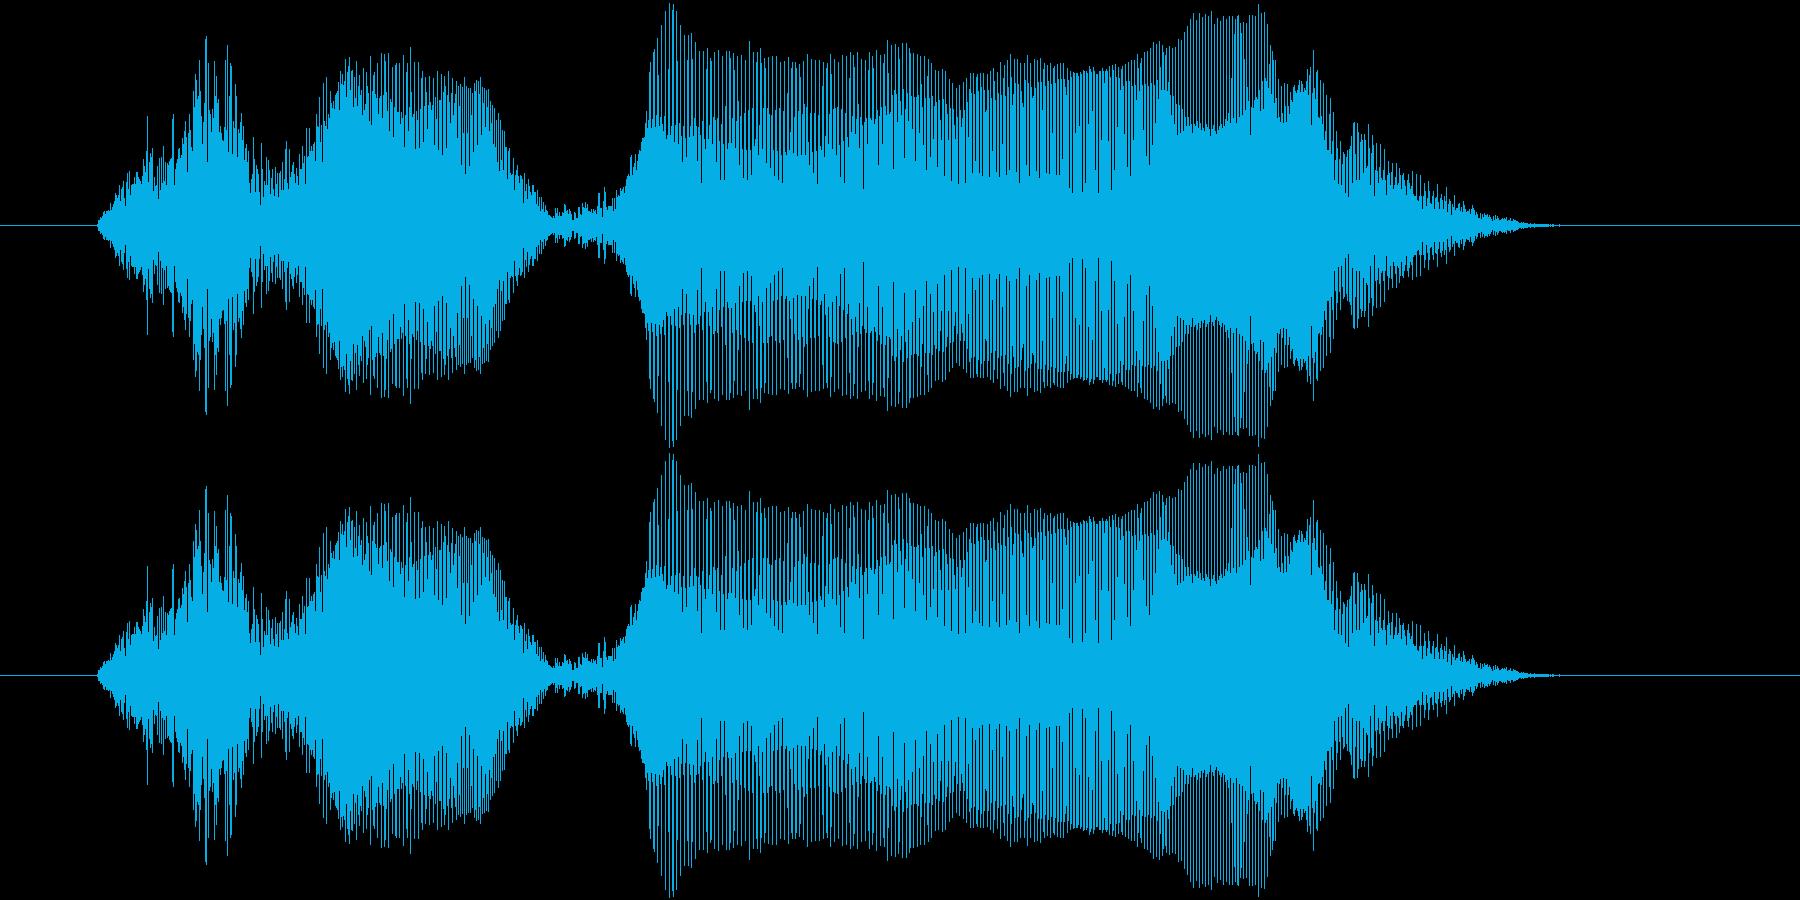 遊技機ゲーム用女性ボイス「すご~い!」の再生済みの波形